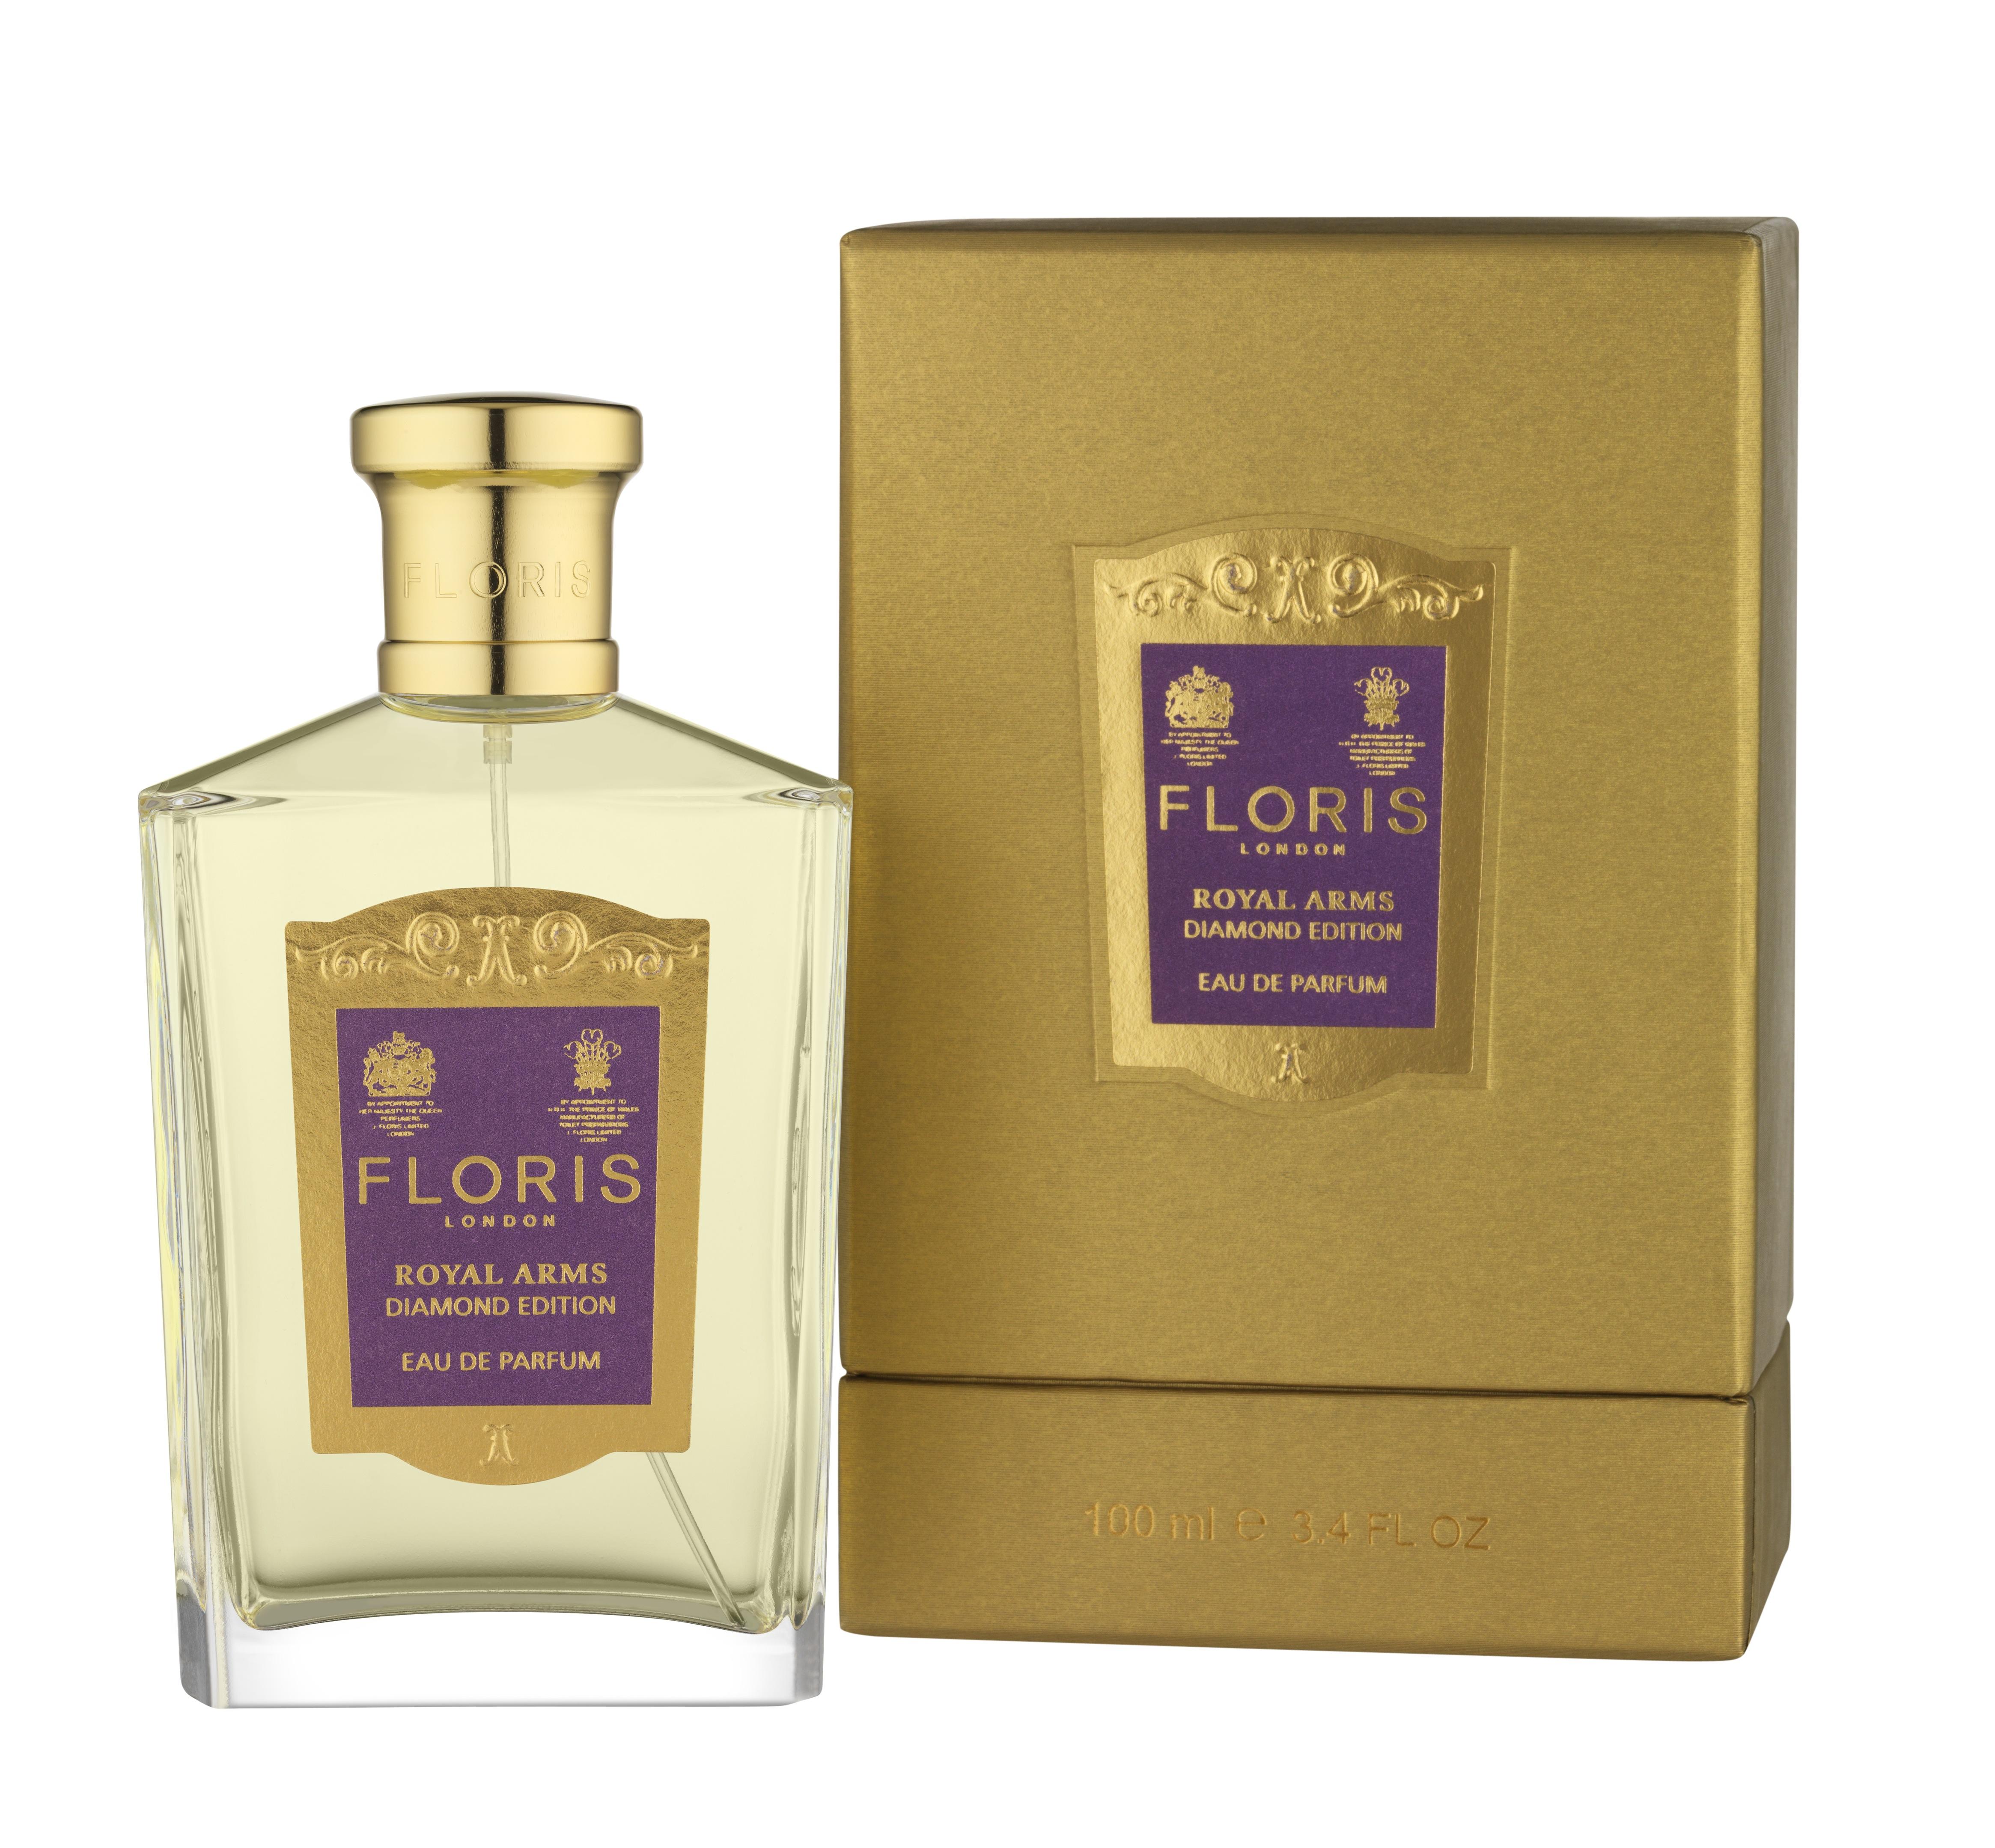 Floris Royal Arms Diamond Edition